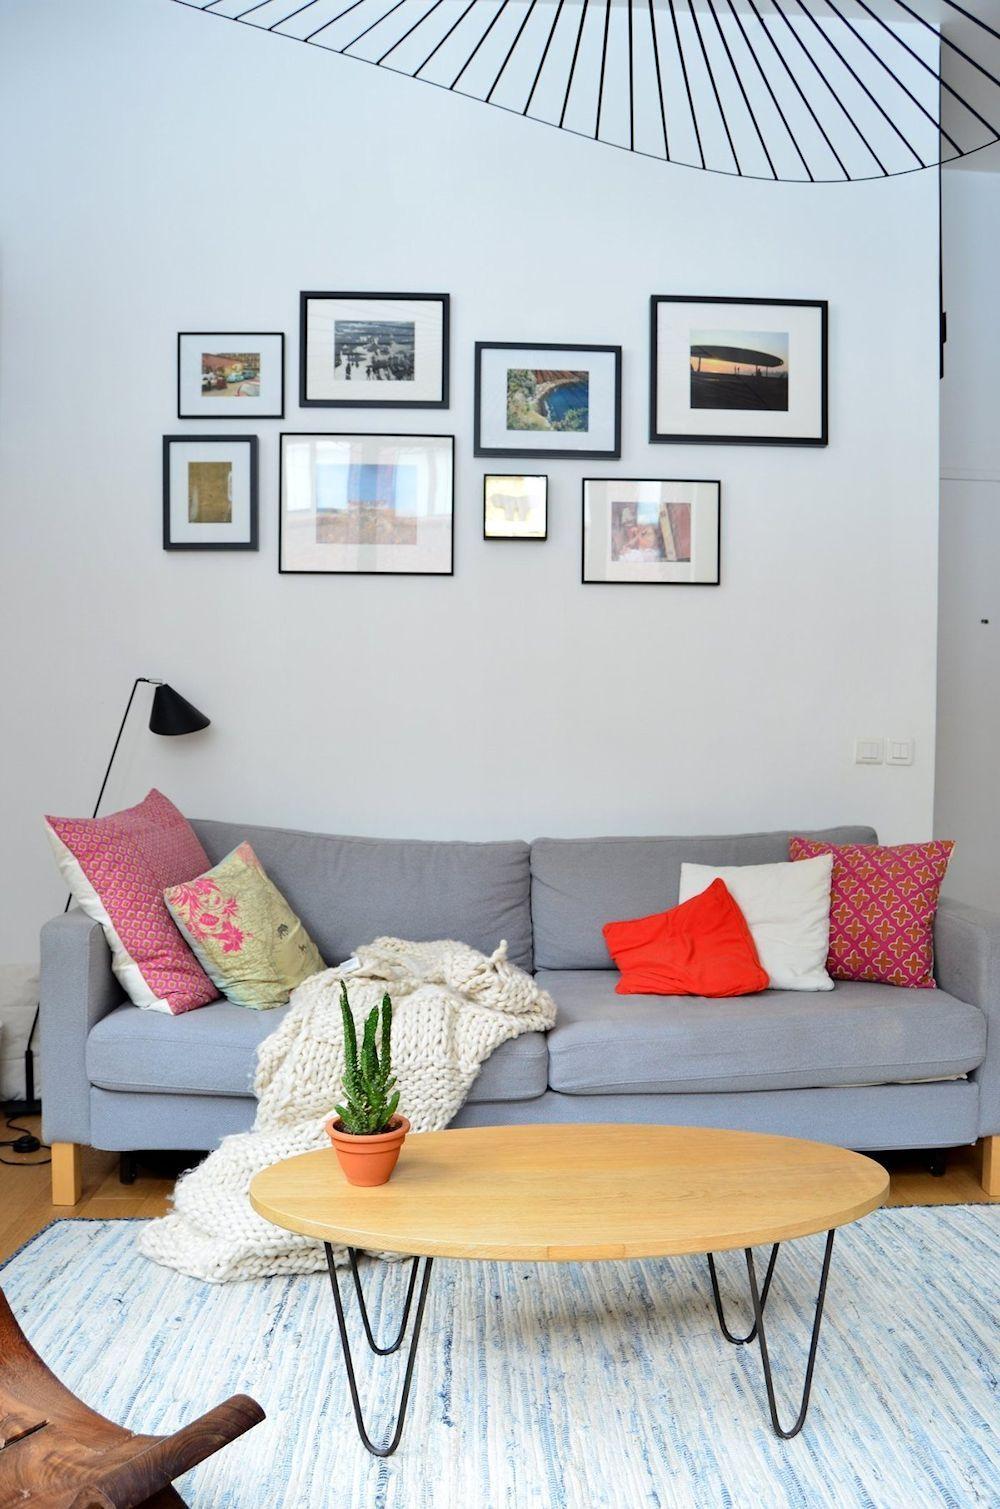 Deco nórdica y vintage en un departamento pequeño de 18 metros²